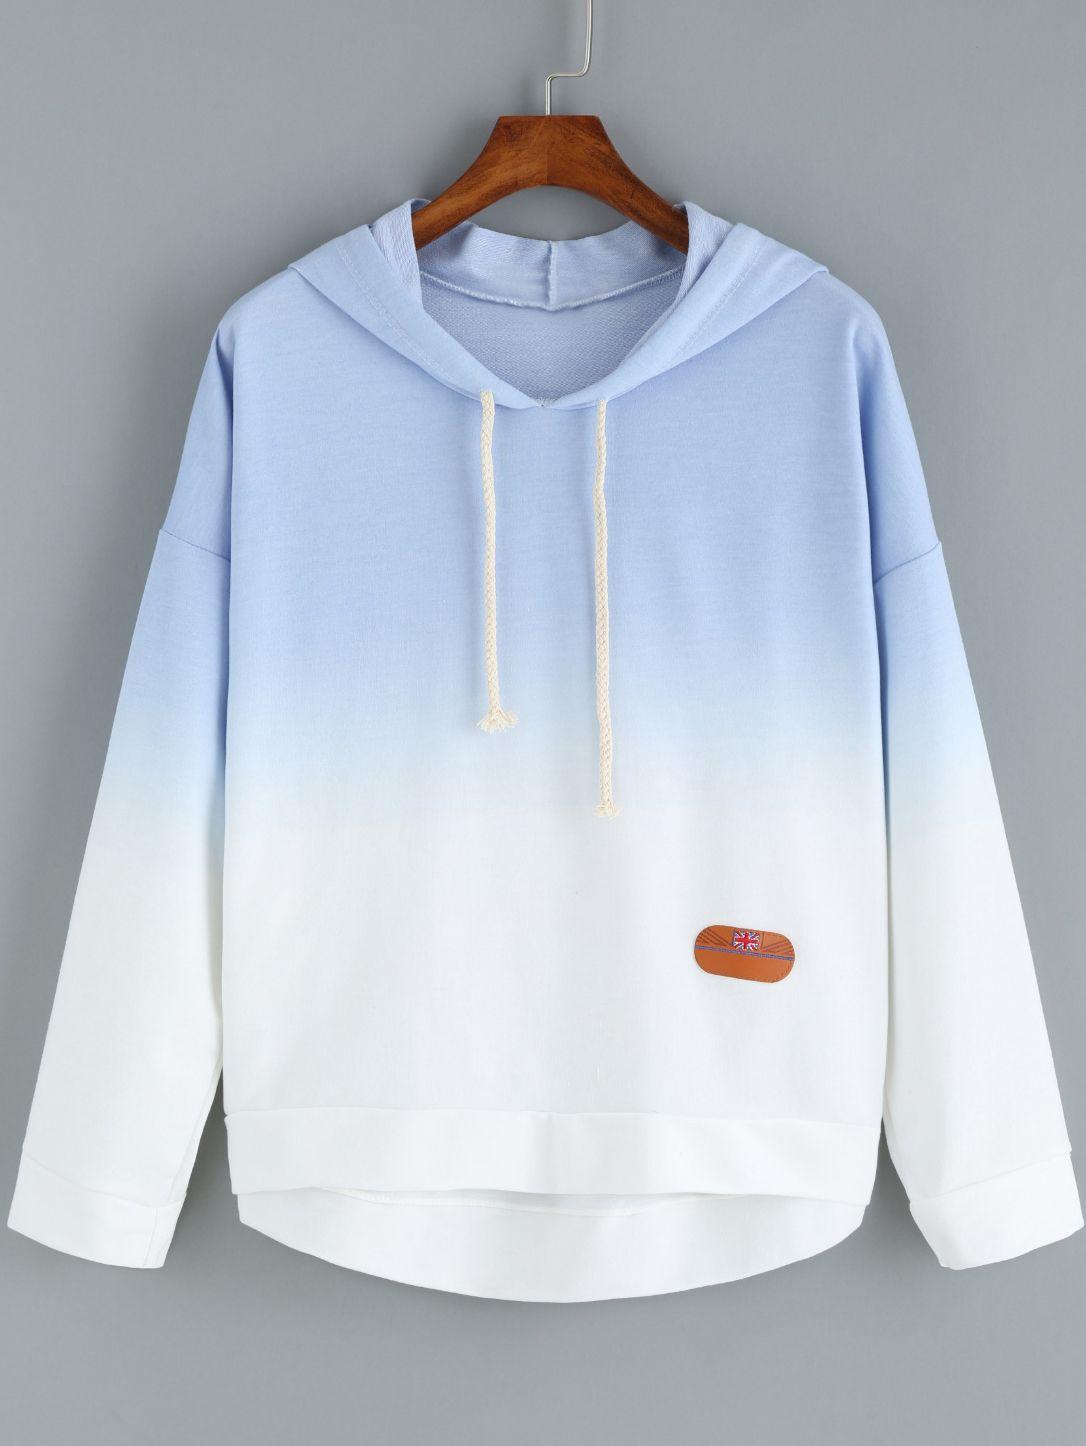 Kapuzen sweatshirt im farbverlauf blau german shein - Shein kleidung ...